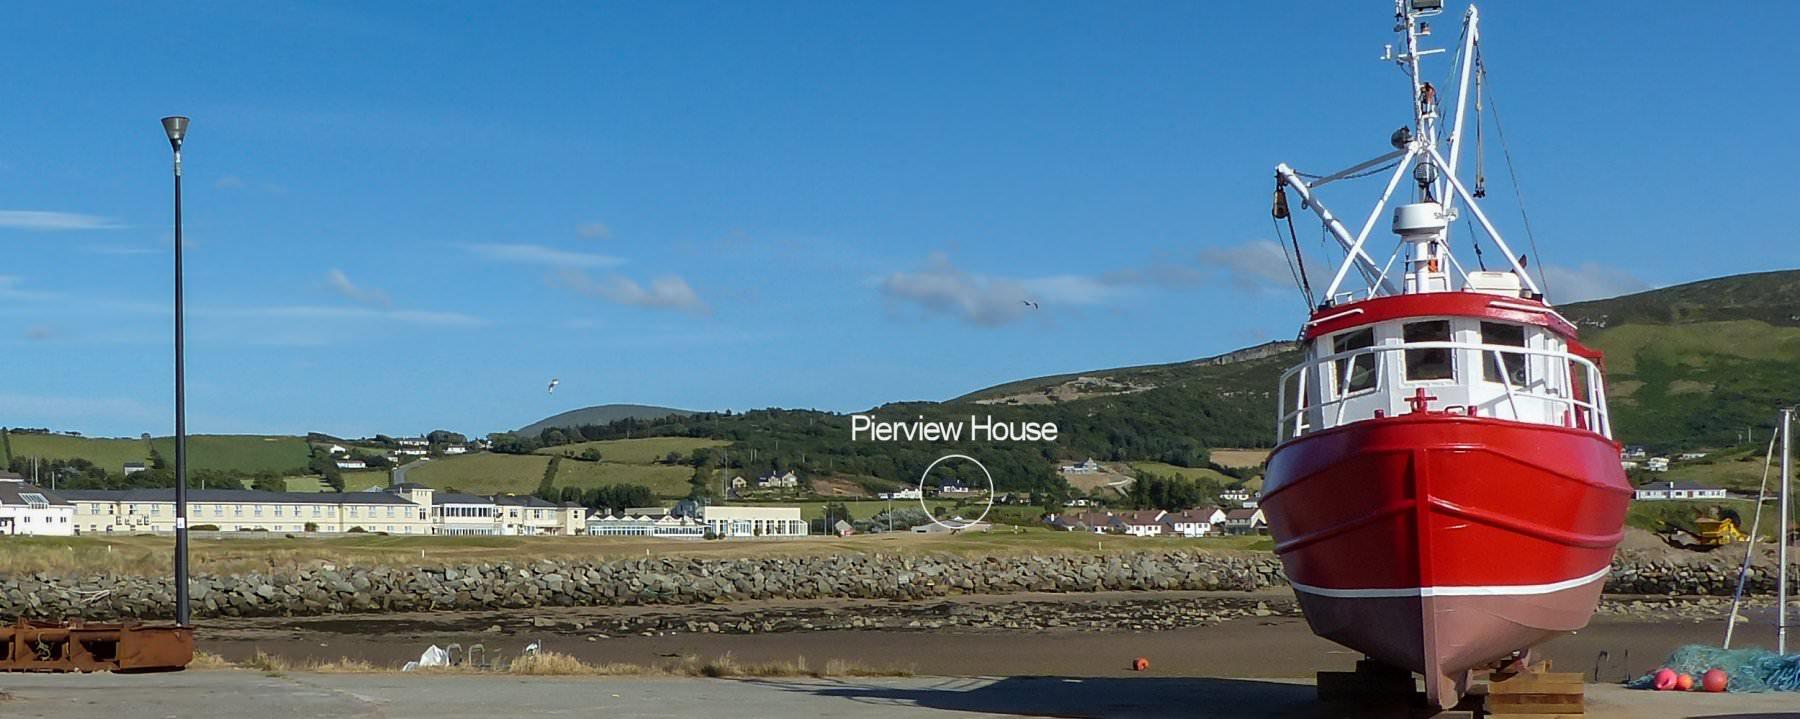 Pierview House Buncrana Inishowen